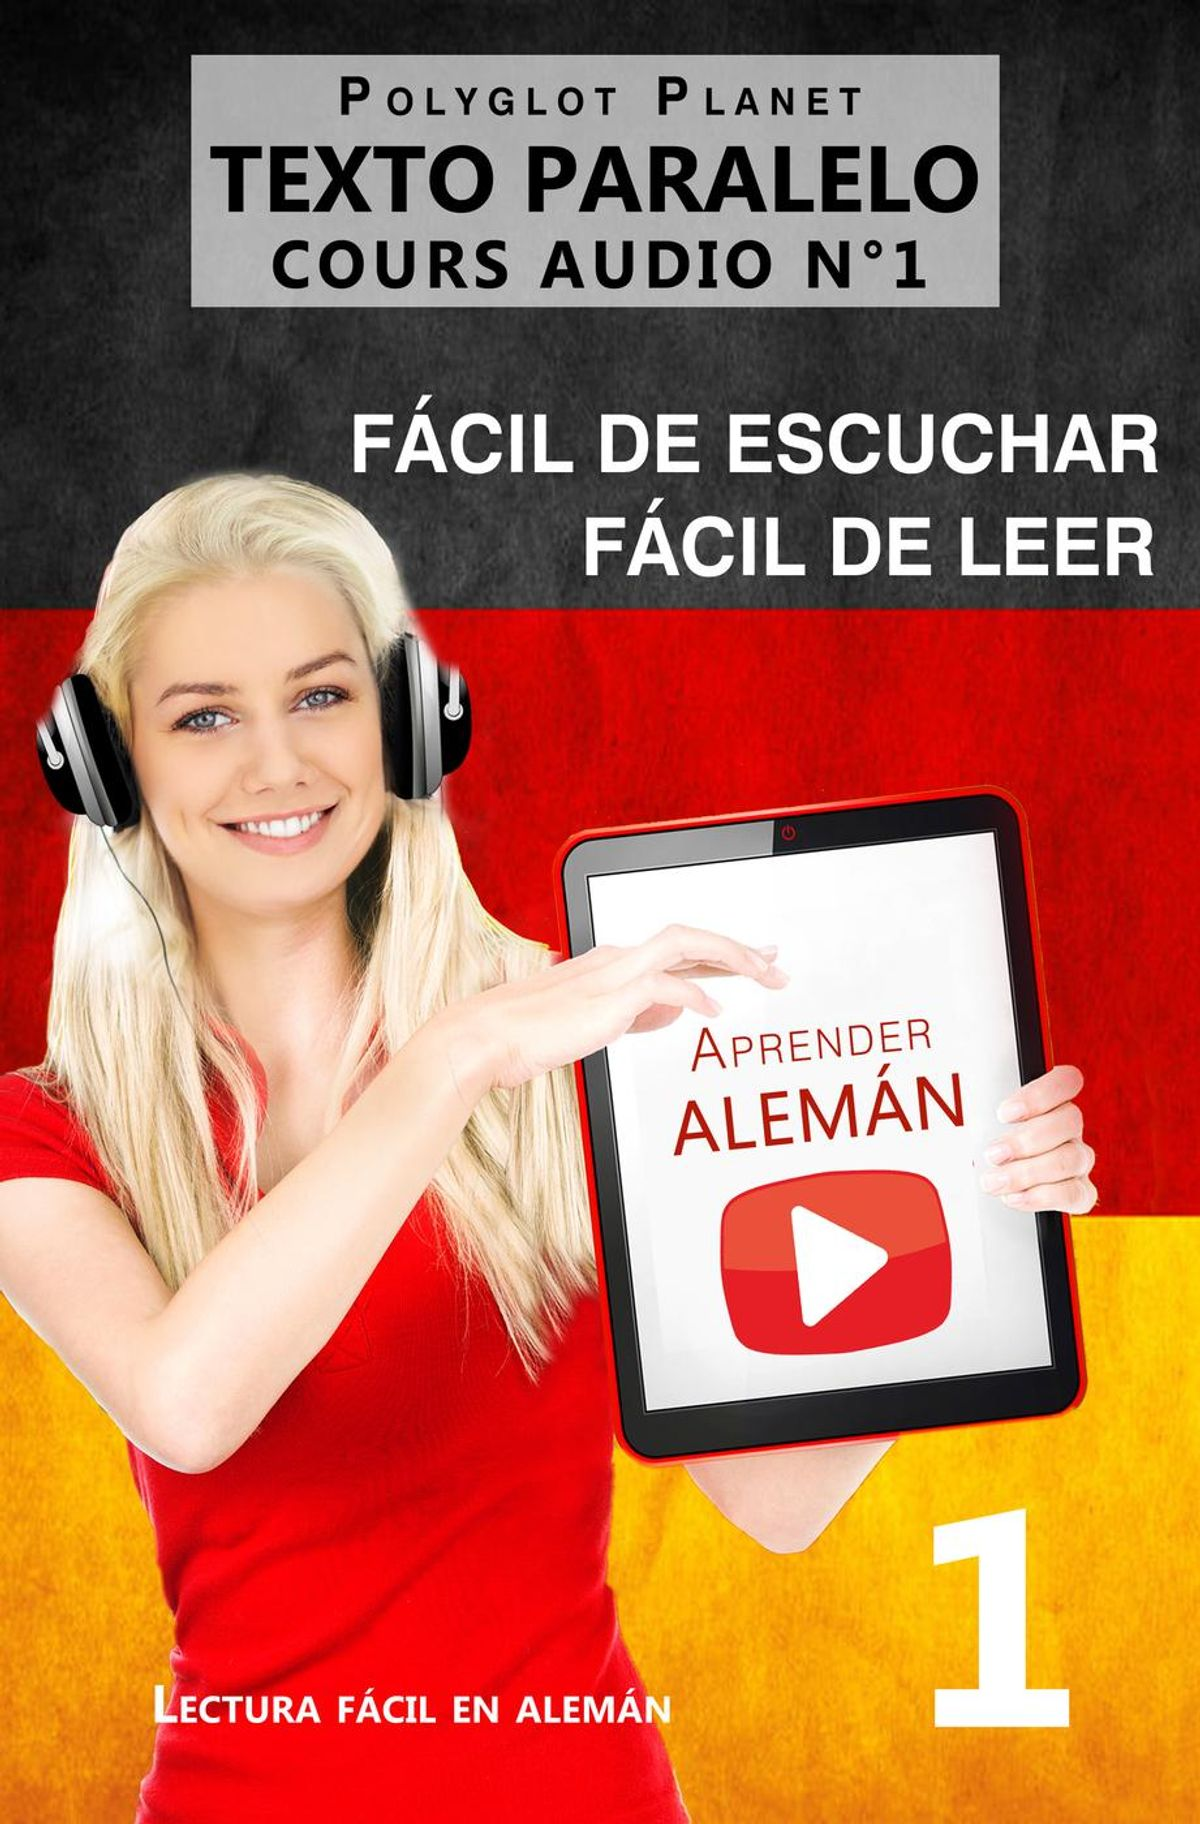 Aprender alemán | Fácil de leer | Fácil de escuchar